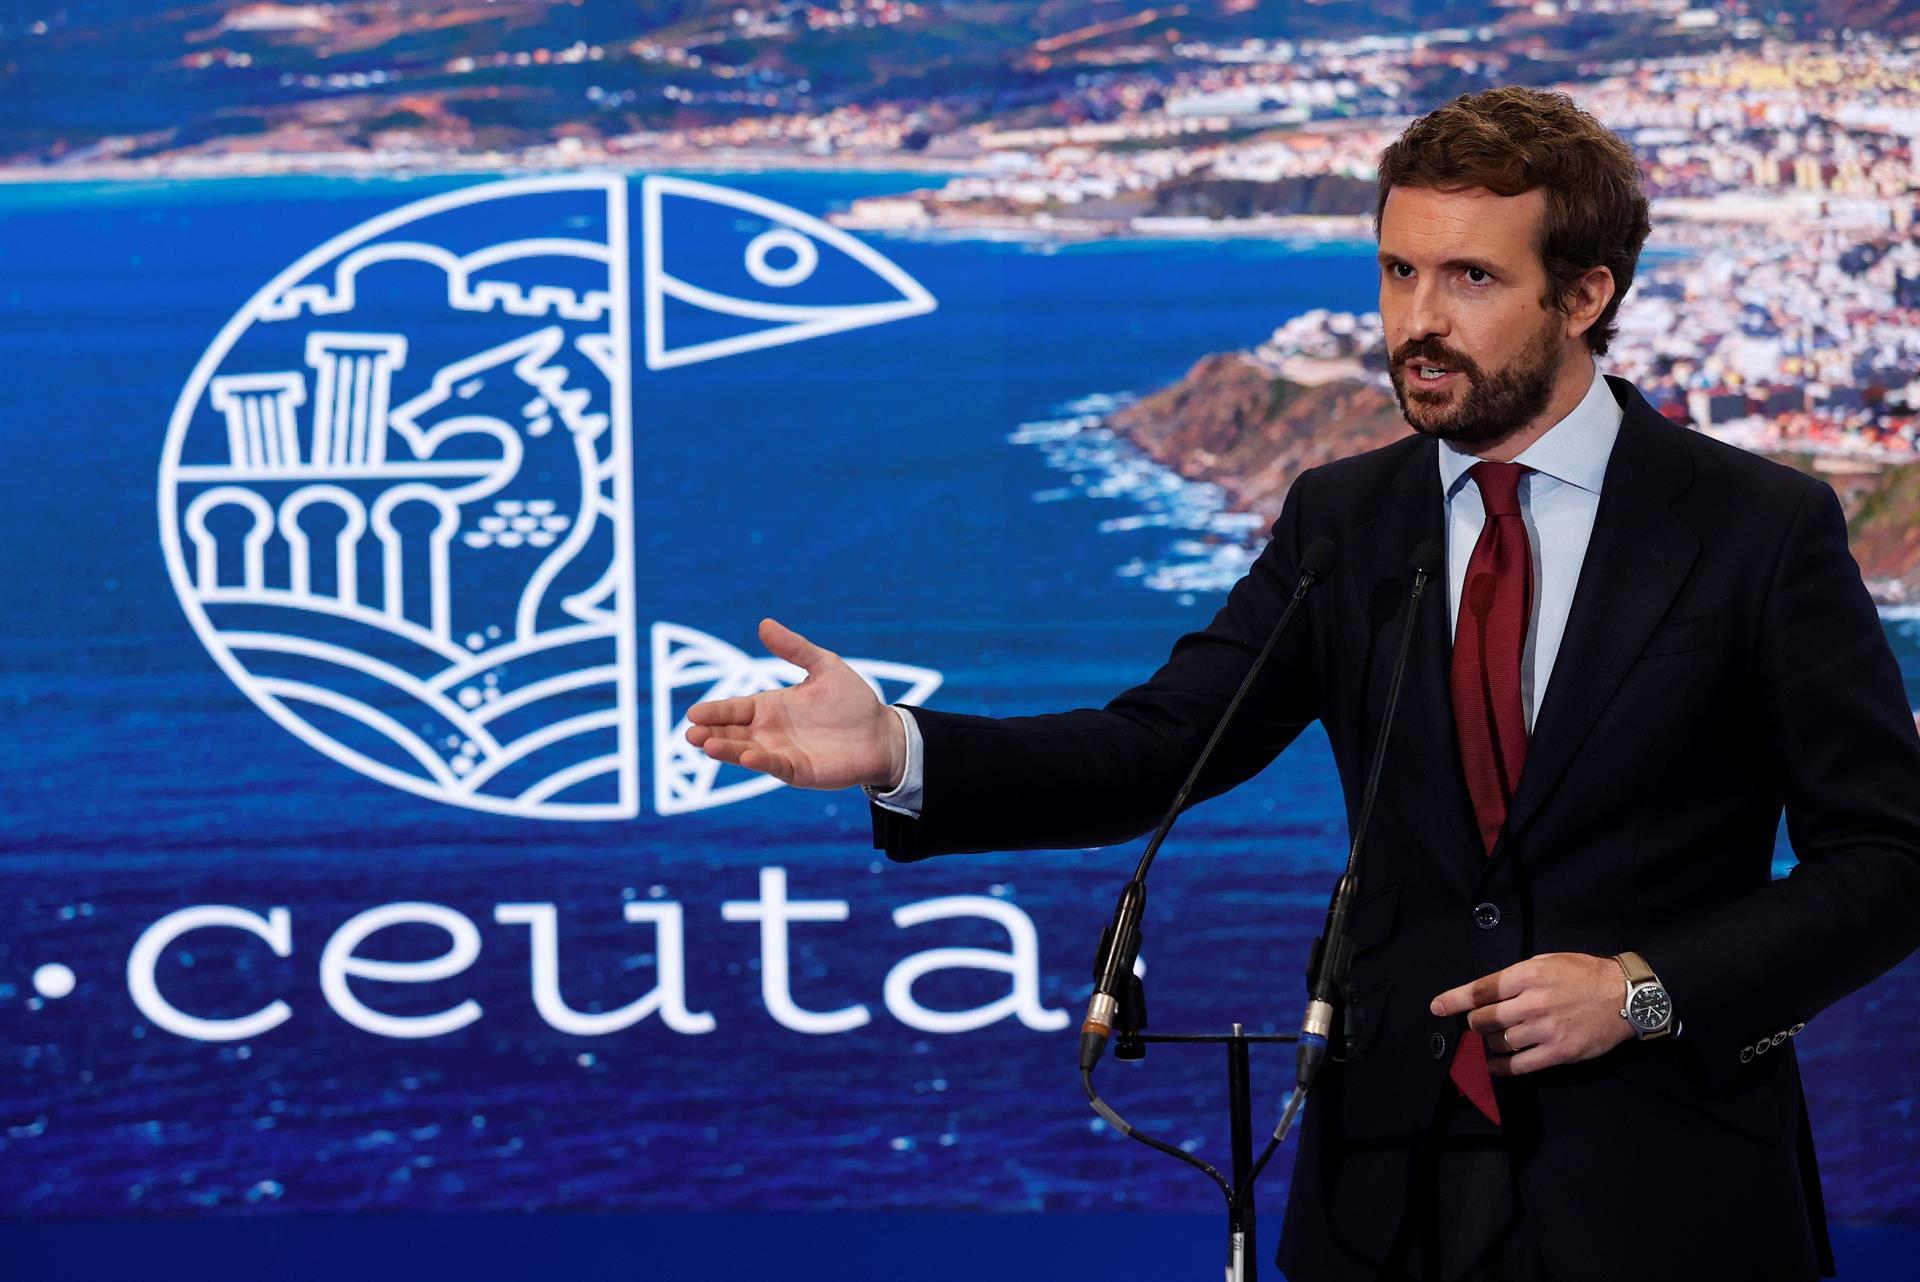 El presidente del Partido Popular (PP), Pablo Casado, hace declaraciones en su visita al stand de Ceuta de la Feria Internacional de Turismo FITUR que tiene lugar en las Instalaciones de IFEMA, en Madrid. EFE/Chema Moya